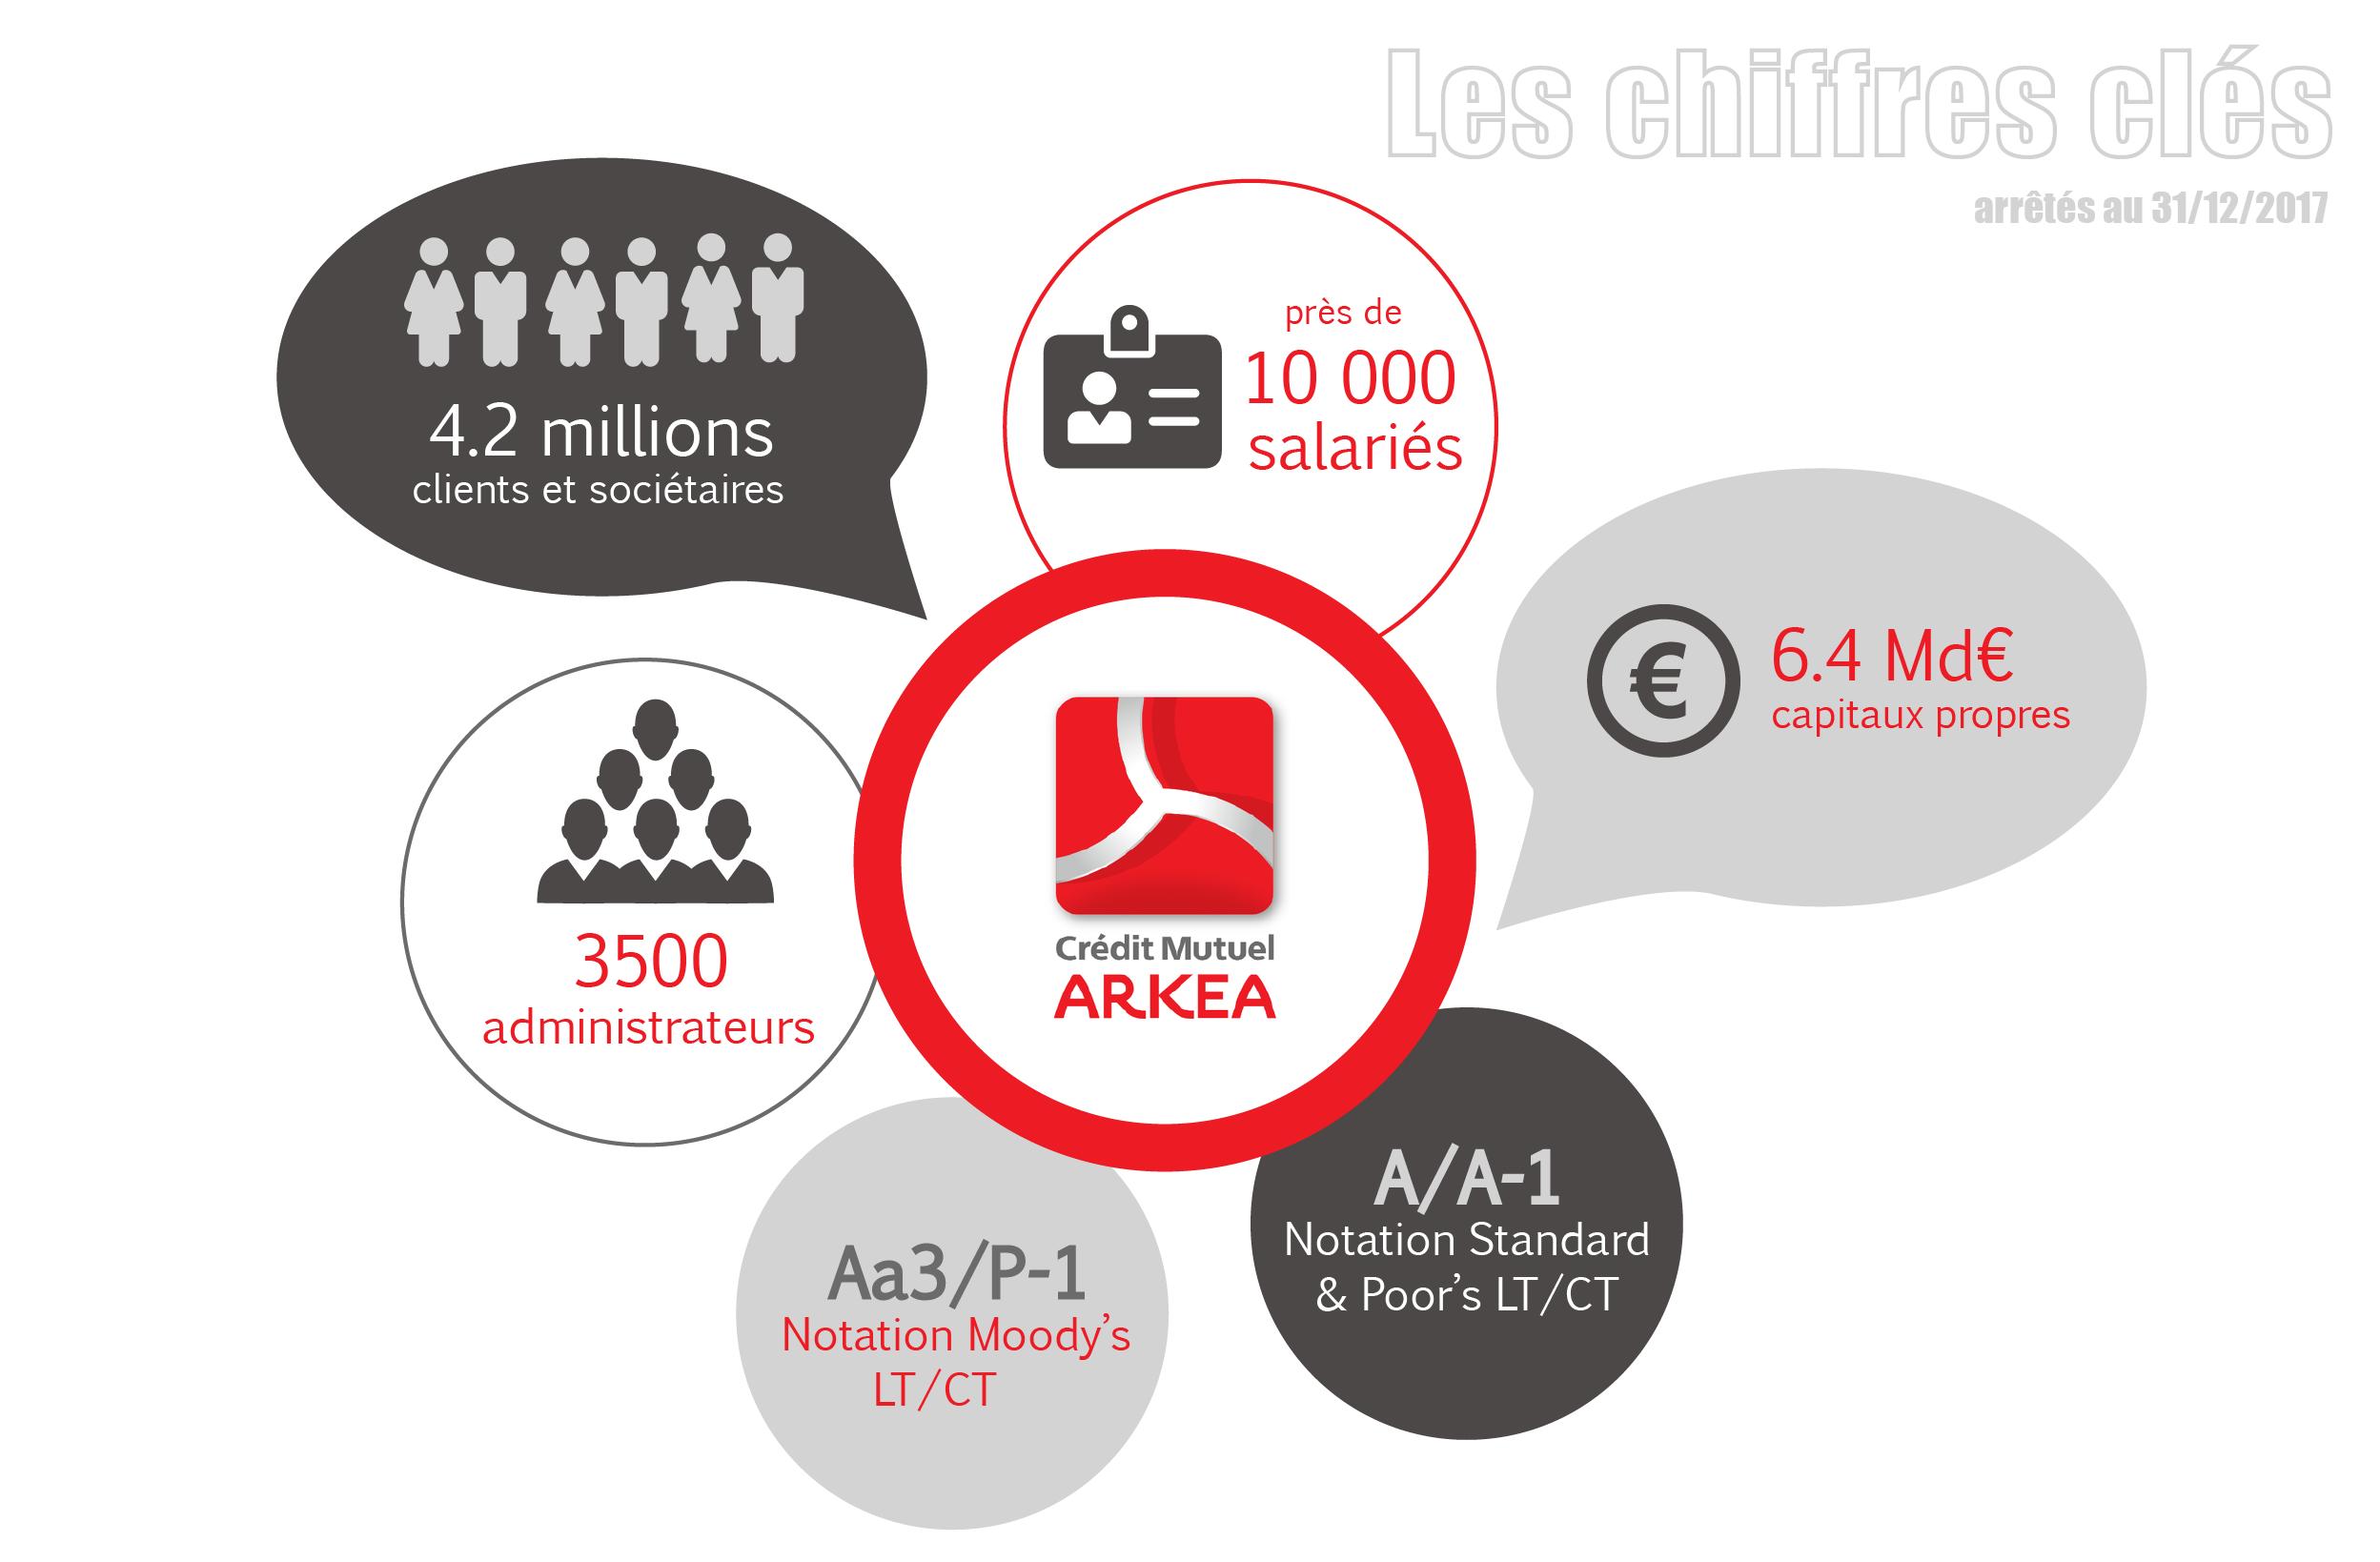 Les chiffres clés d'Arkéa en 2017